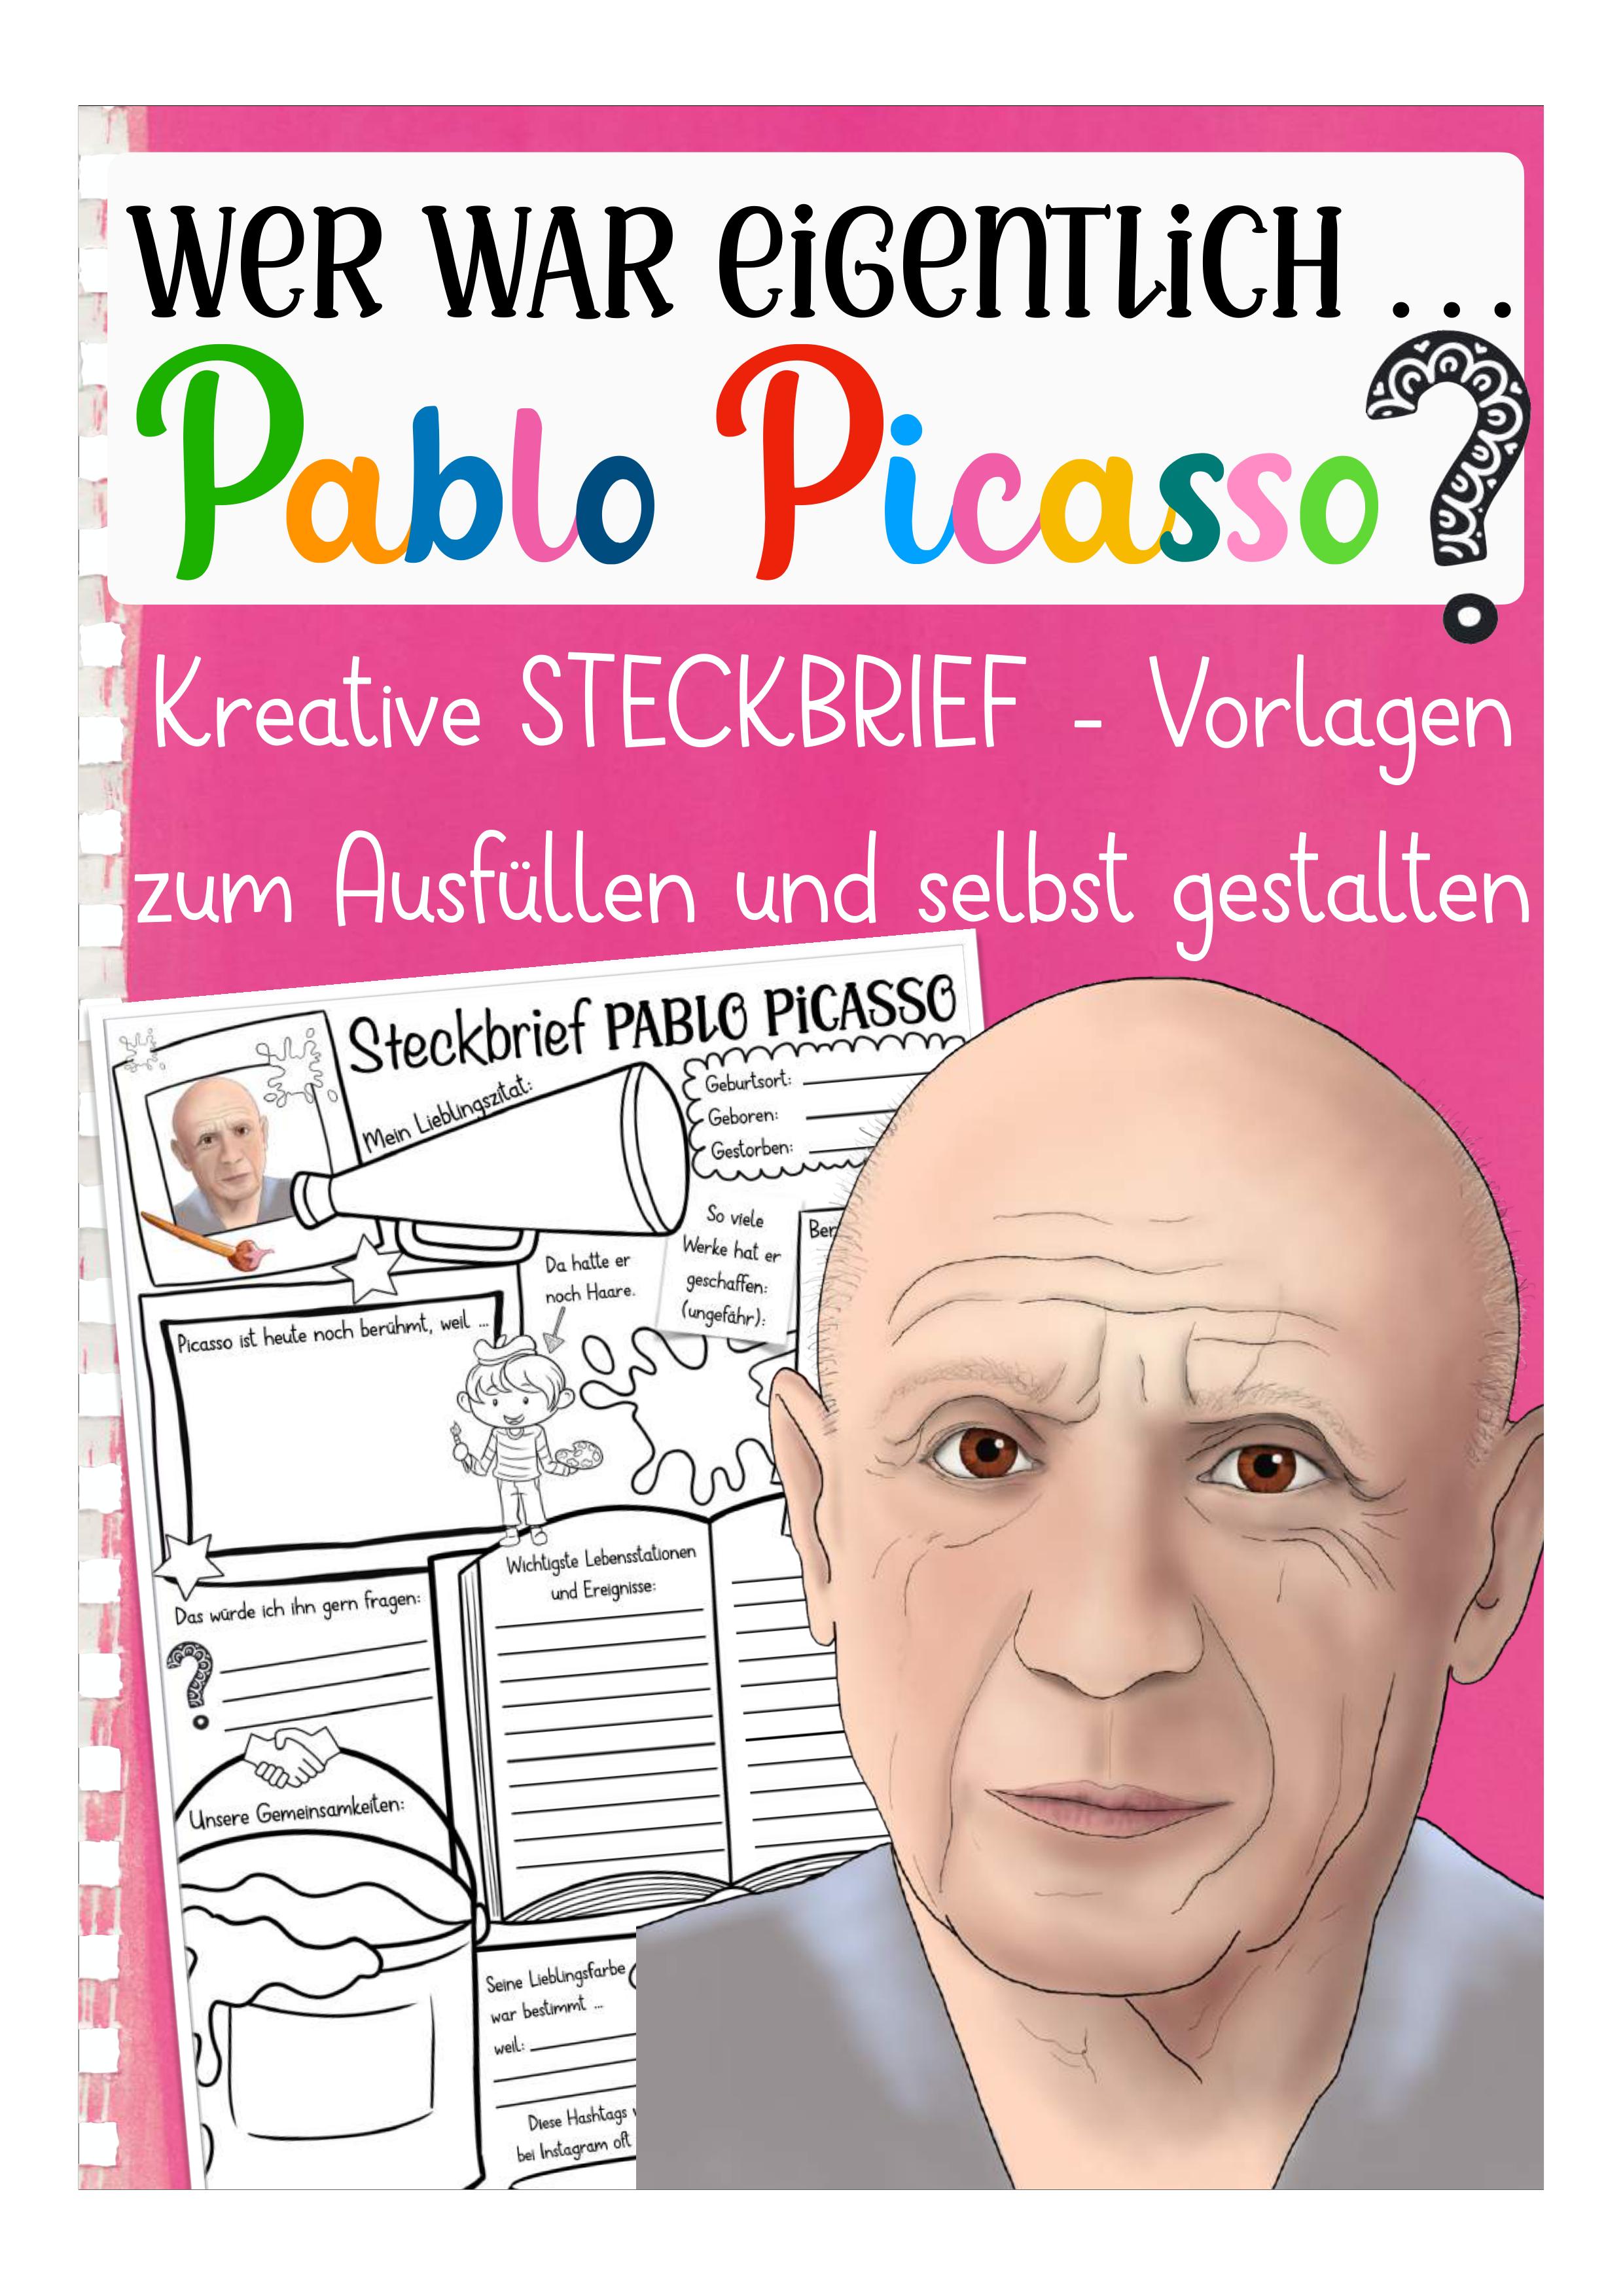 Pablo Picasso Steckbrief Unterrichtsmaterial In Den Fachern Geschichte Kunst Pablo Picasso Steckbrief Pablo Picasso Kunstler Grundschule